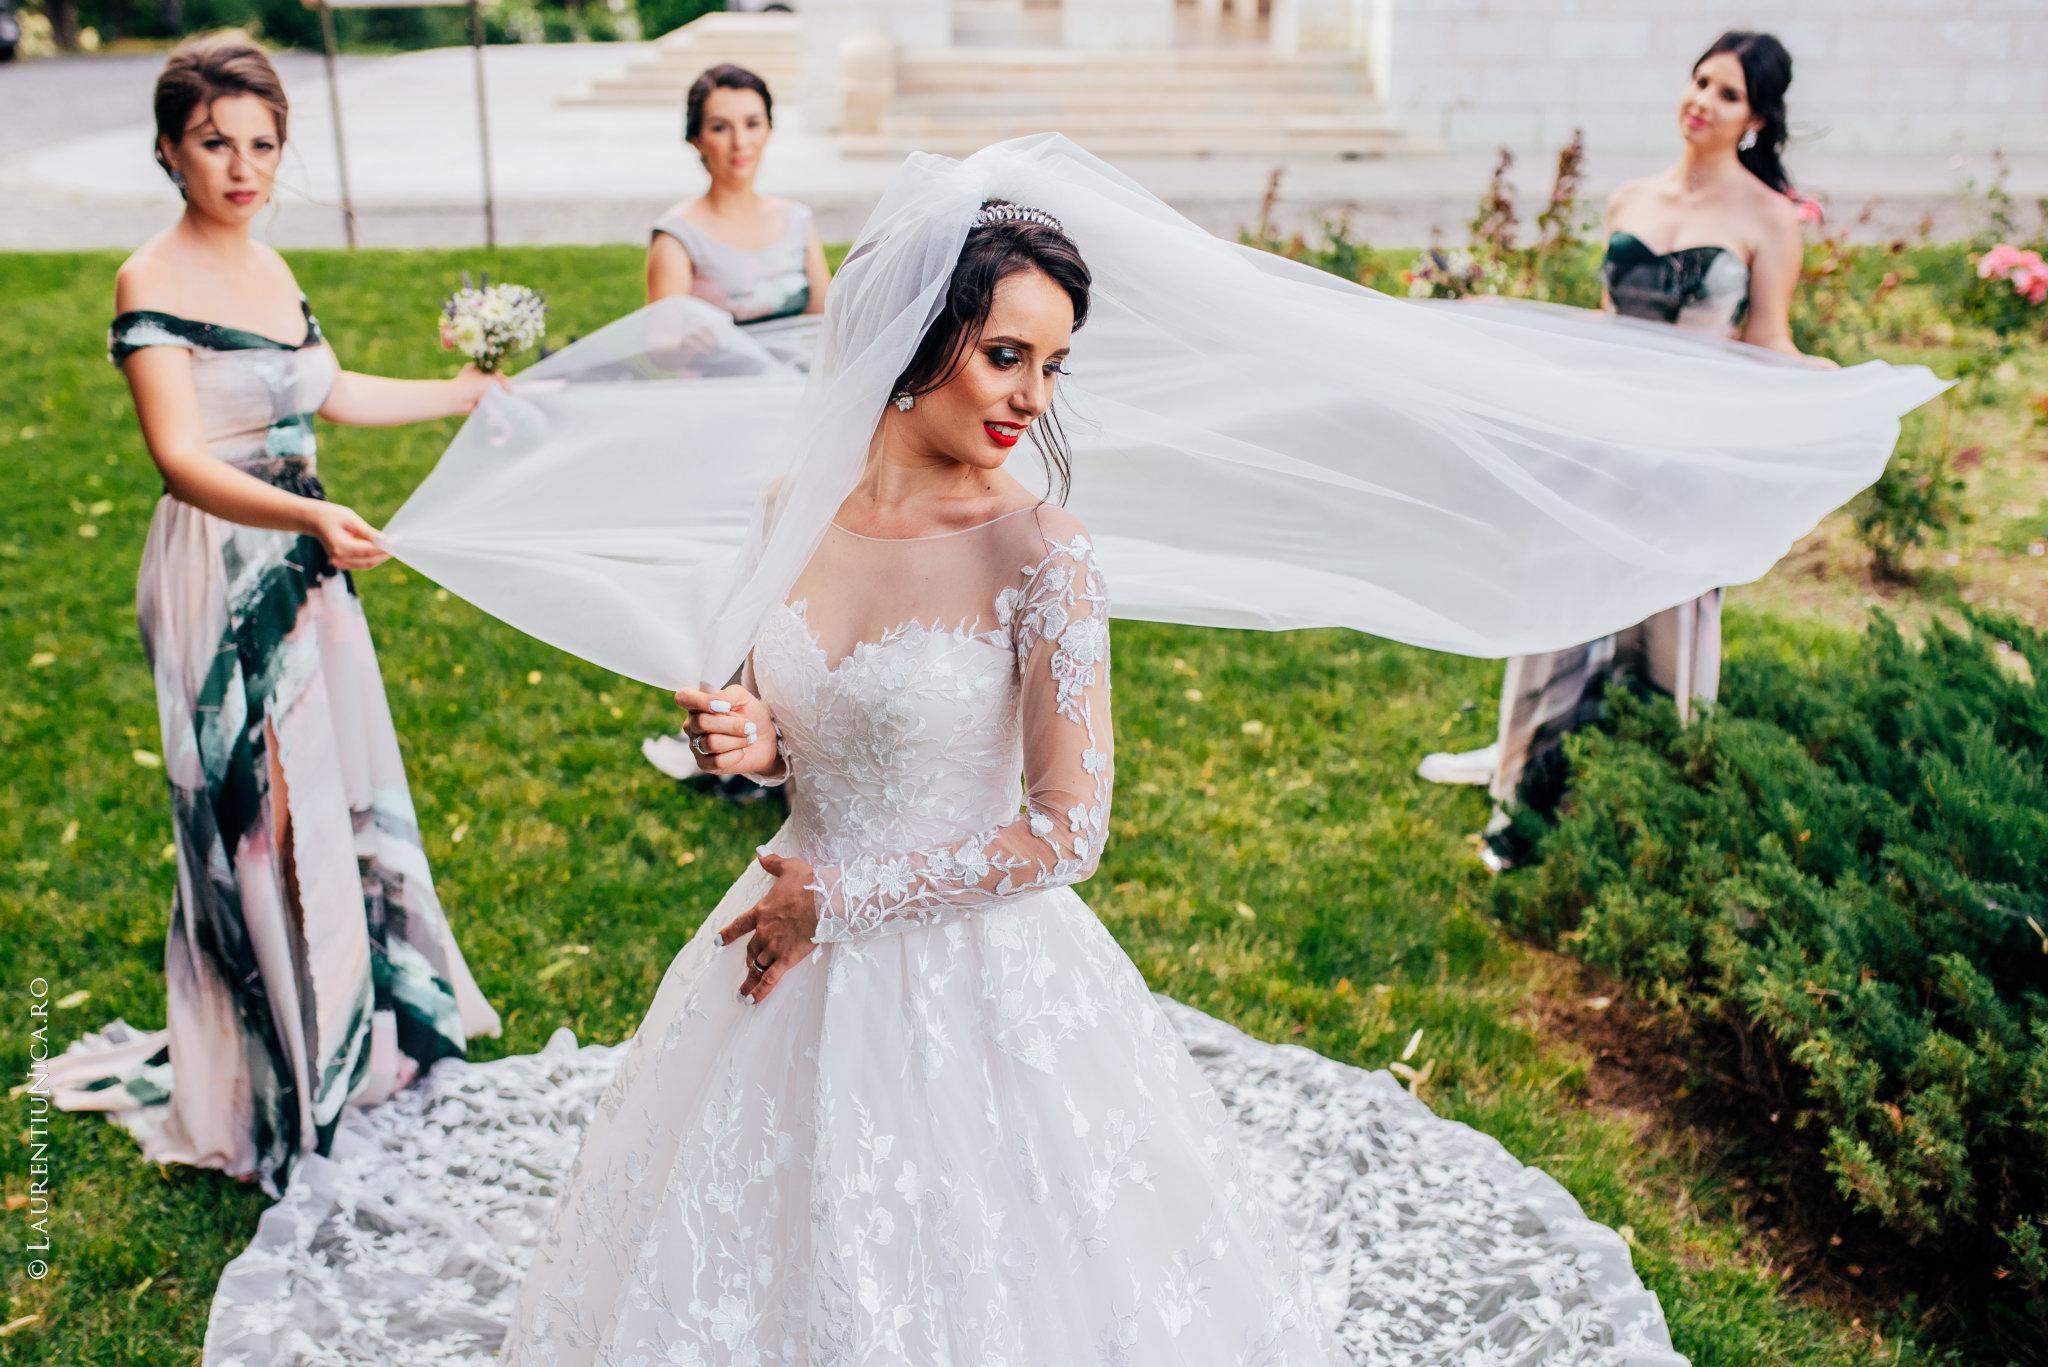 fotografii nunta denisa si florin craiova 23 - Denisa & Florin | Fotografii nunta | Craiova